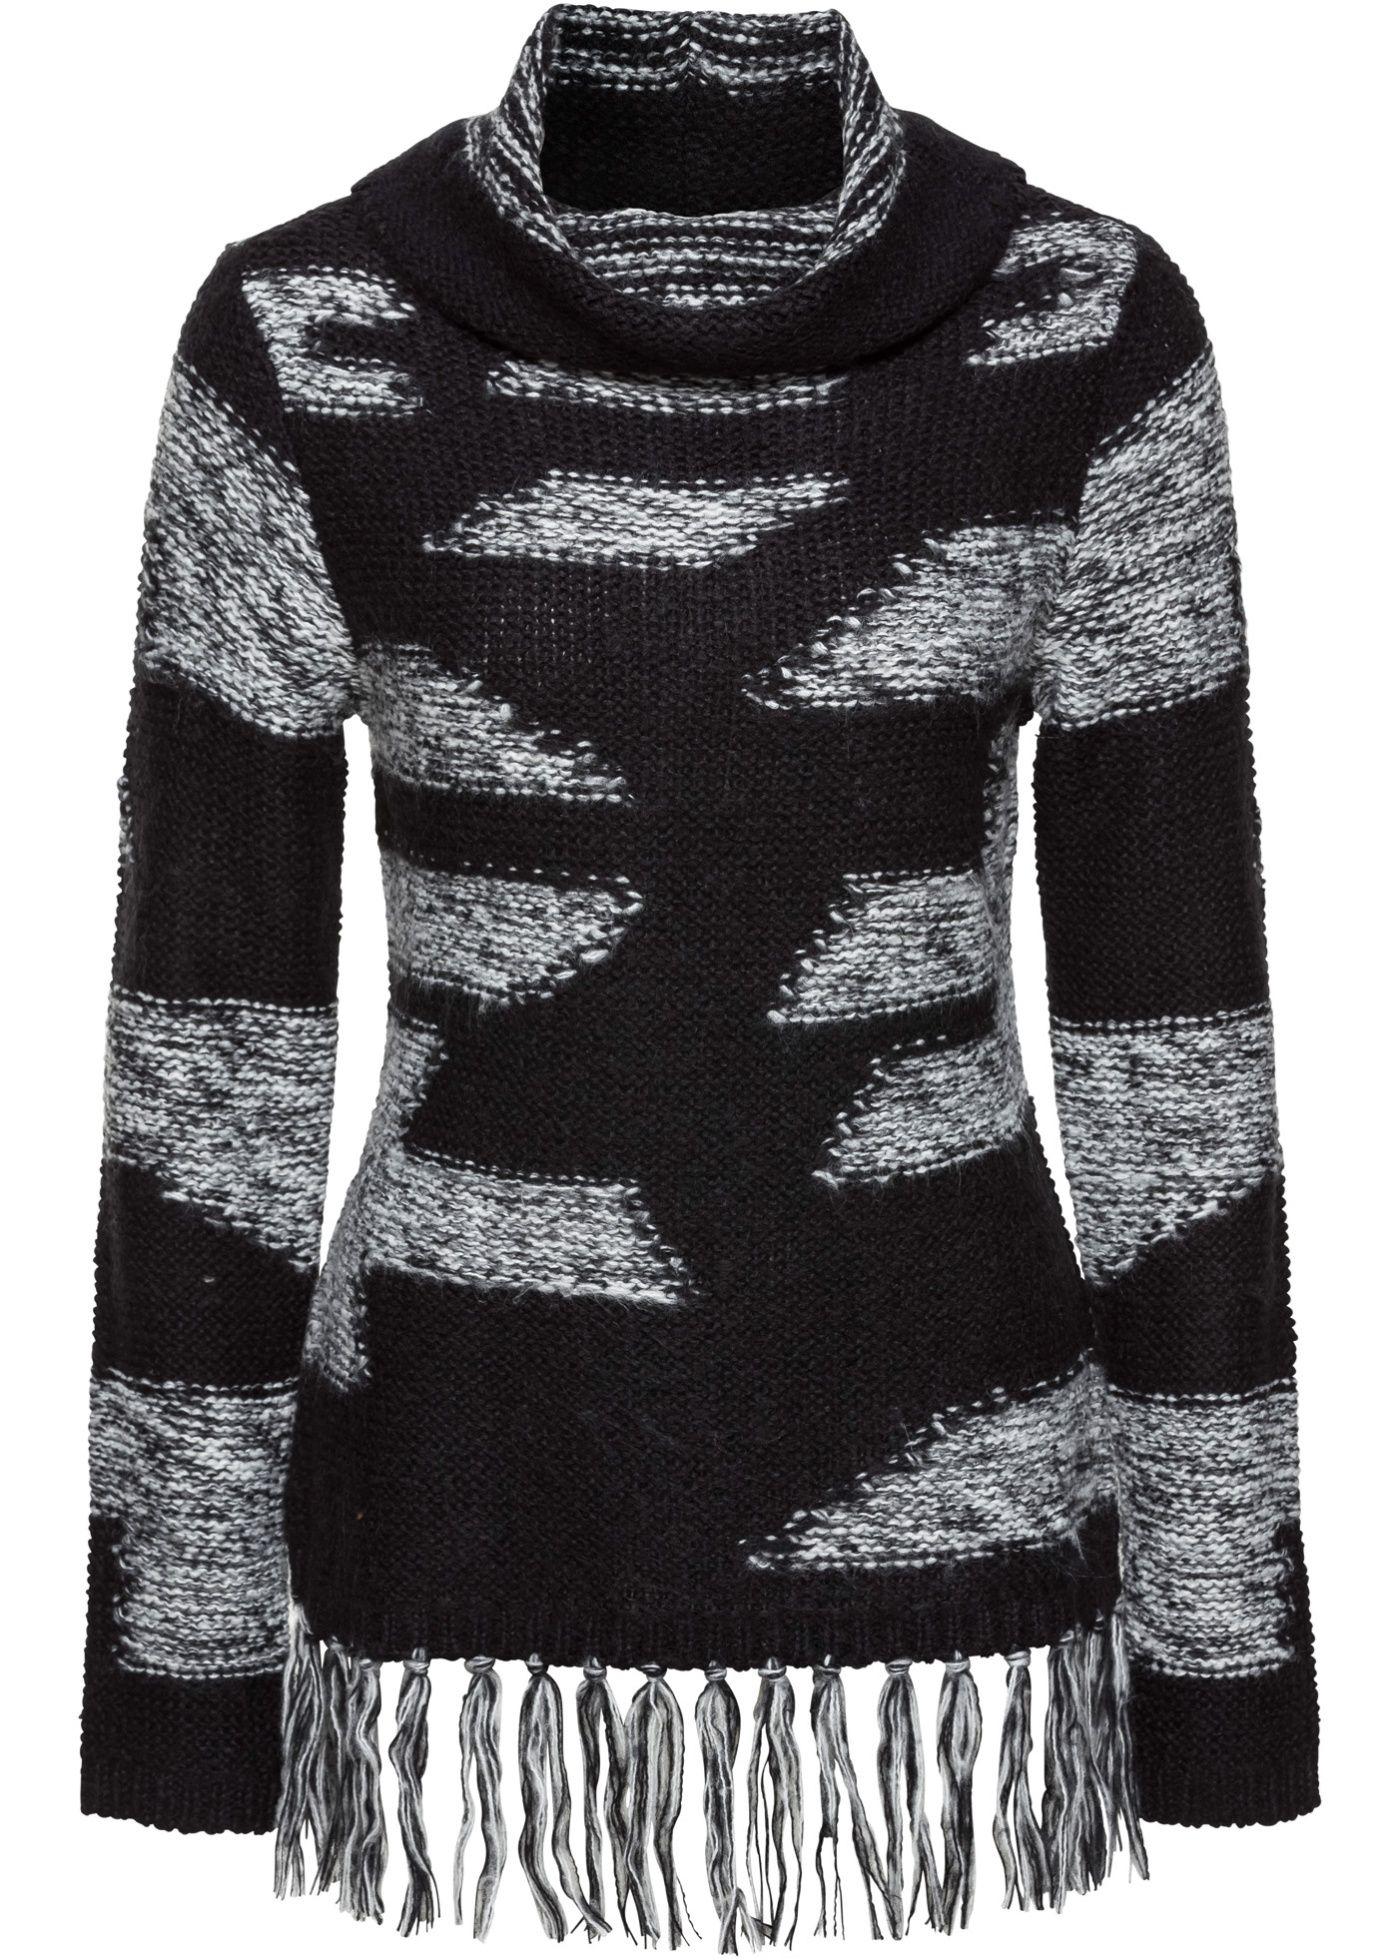 Pullover mit Fransen | Pullover, Rollkragen und Bekleidung